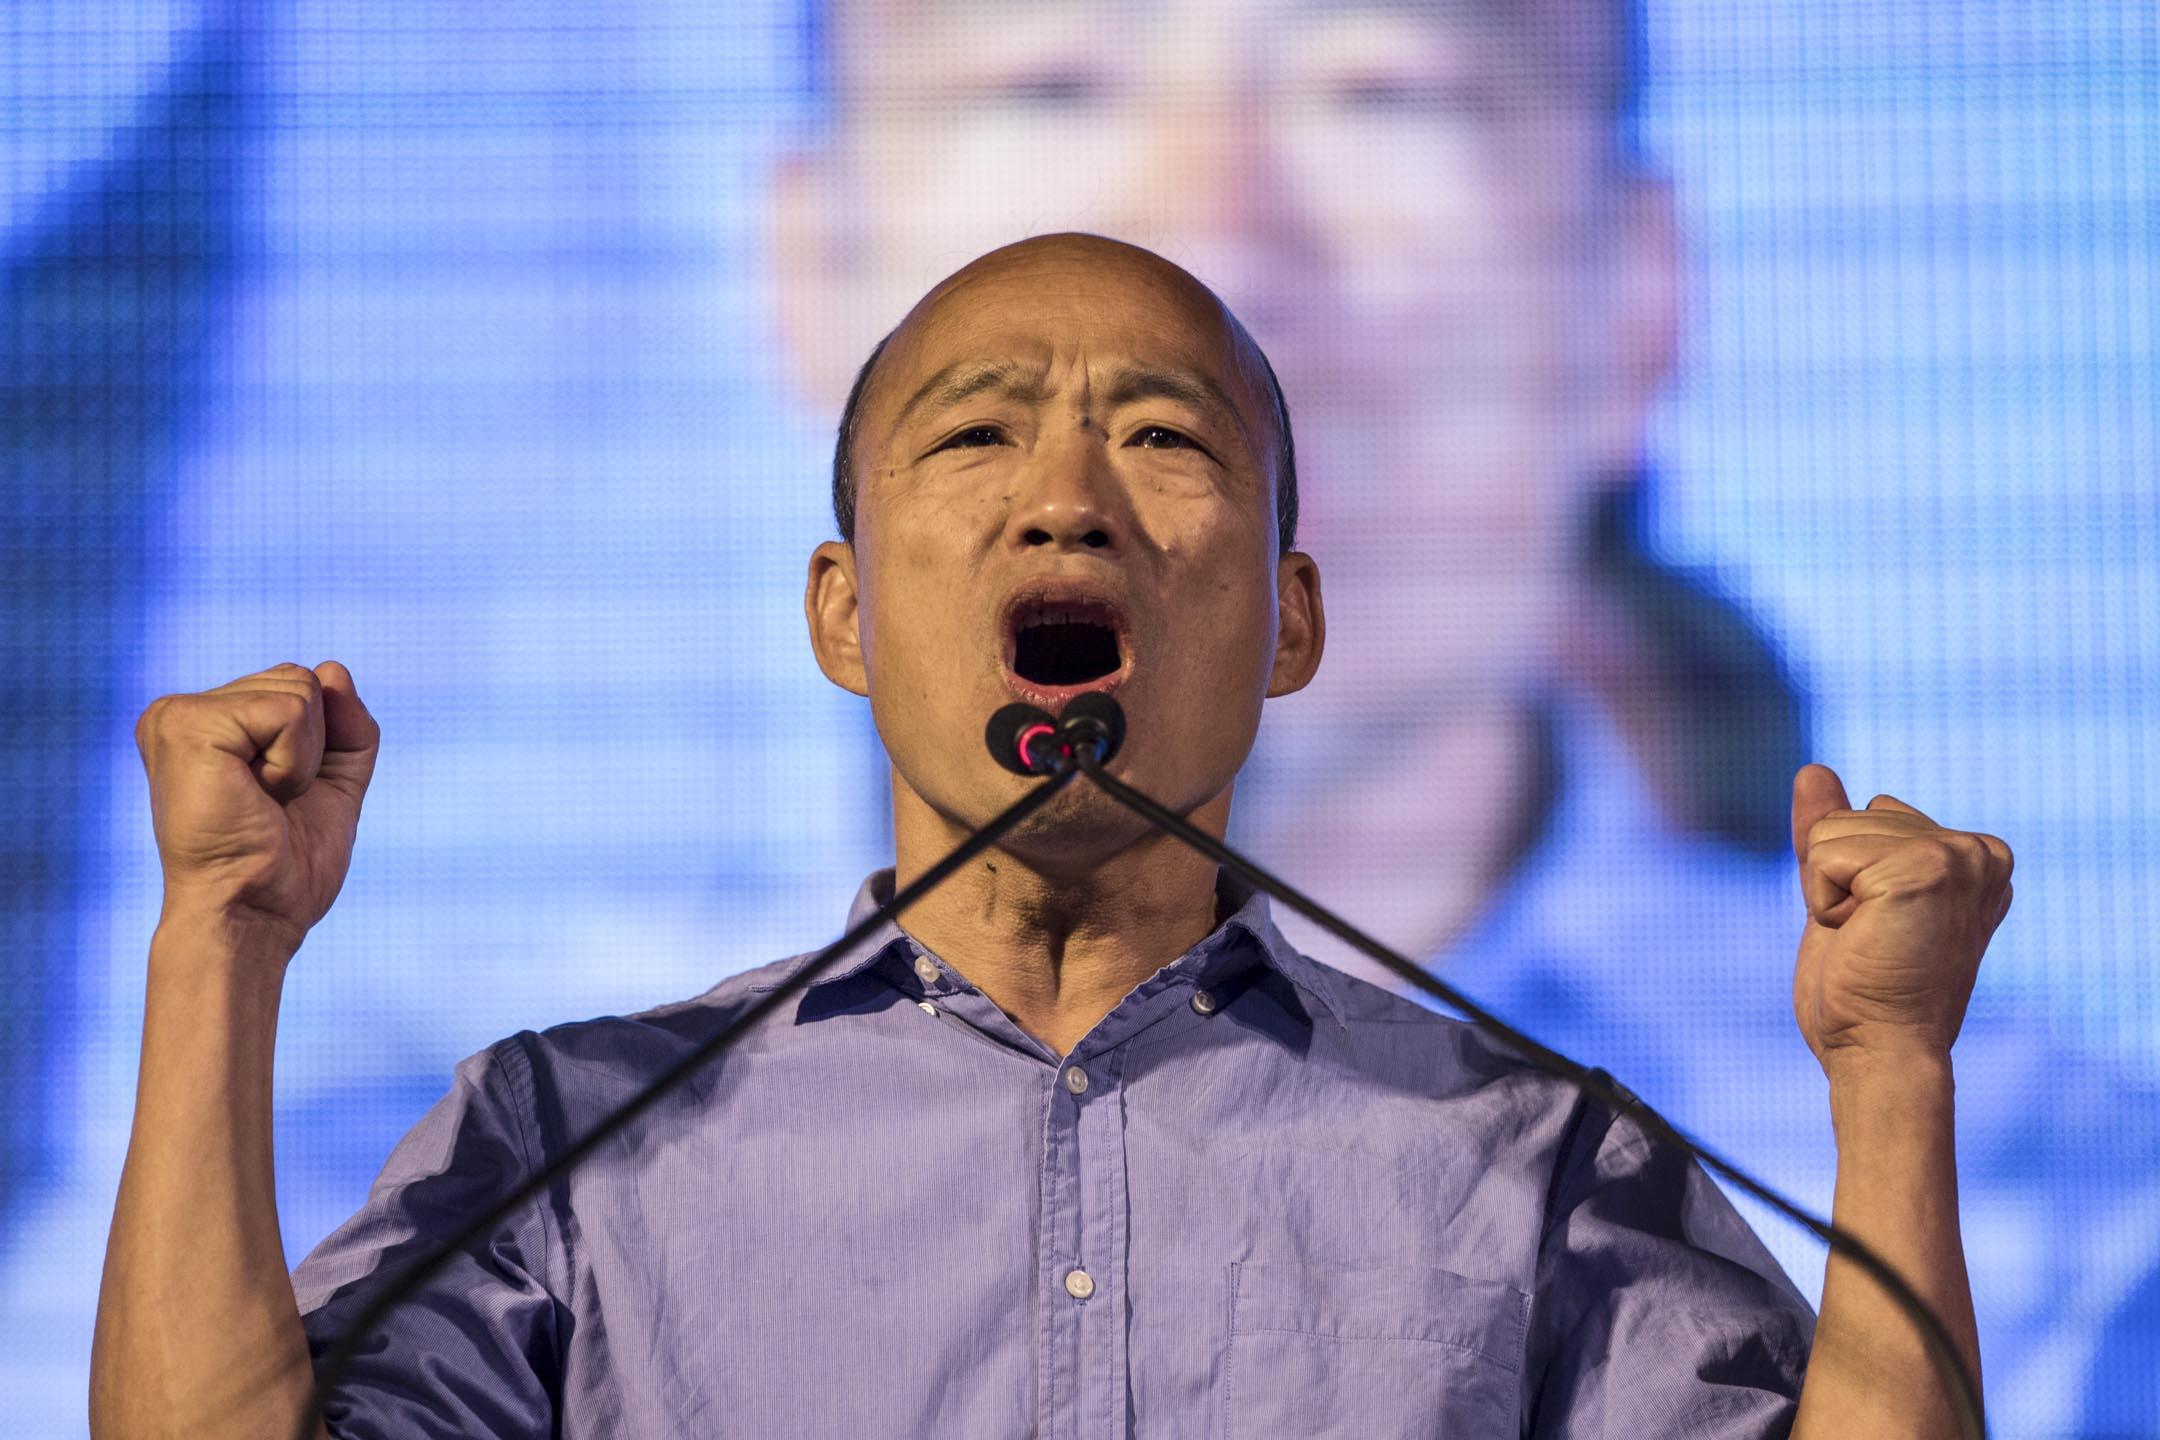 高雄市國民黨候選人韓國瑜,晚上宣布當選高雄市長,終結民進黨在高雄20年的執政。 攝:Stanley Leung/端傳媒